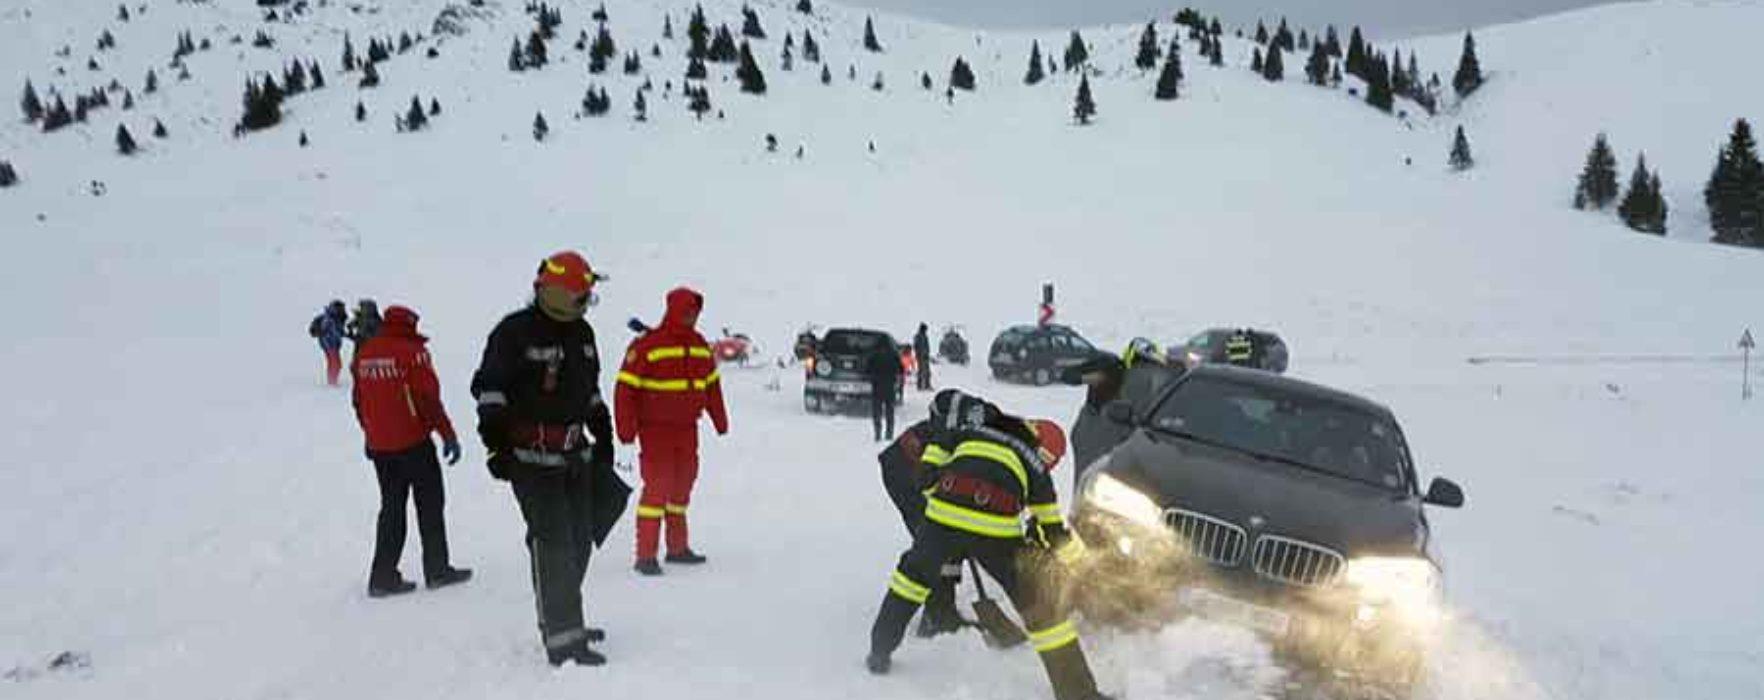 Dâmboviţa: O maşină a derapat în zona Dichiu pe un drum închis circulaţiei